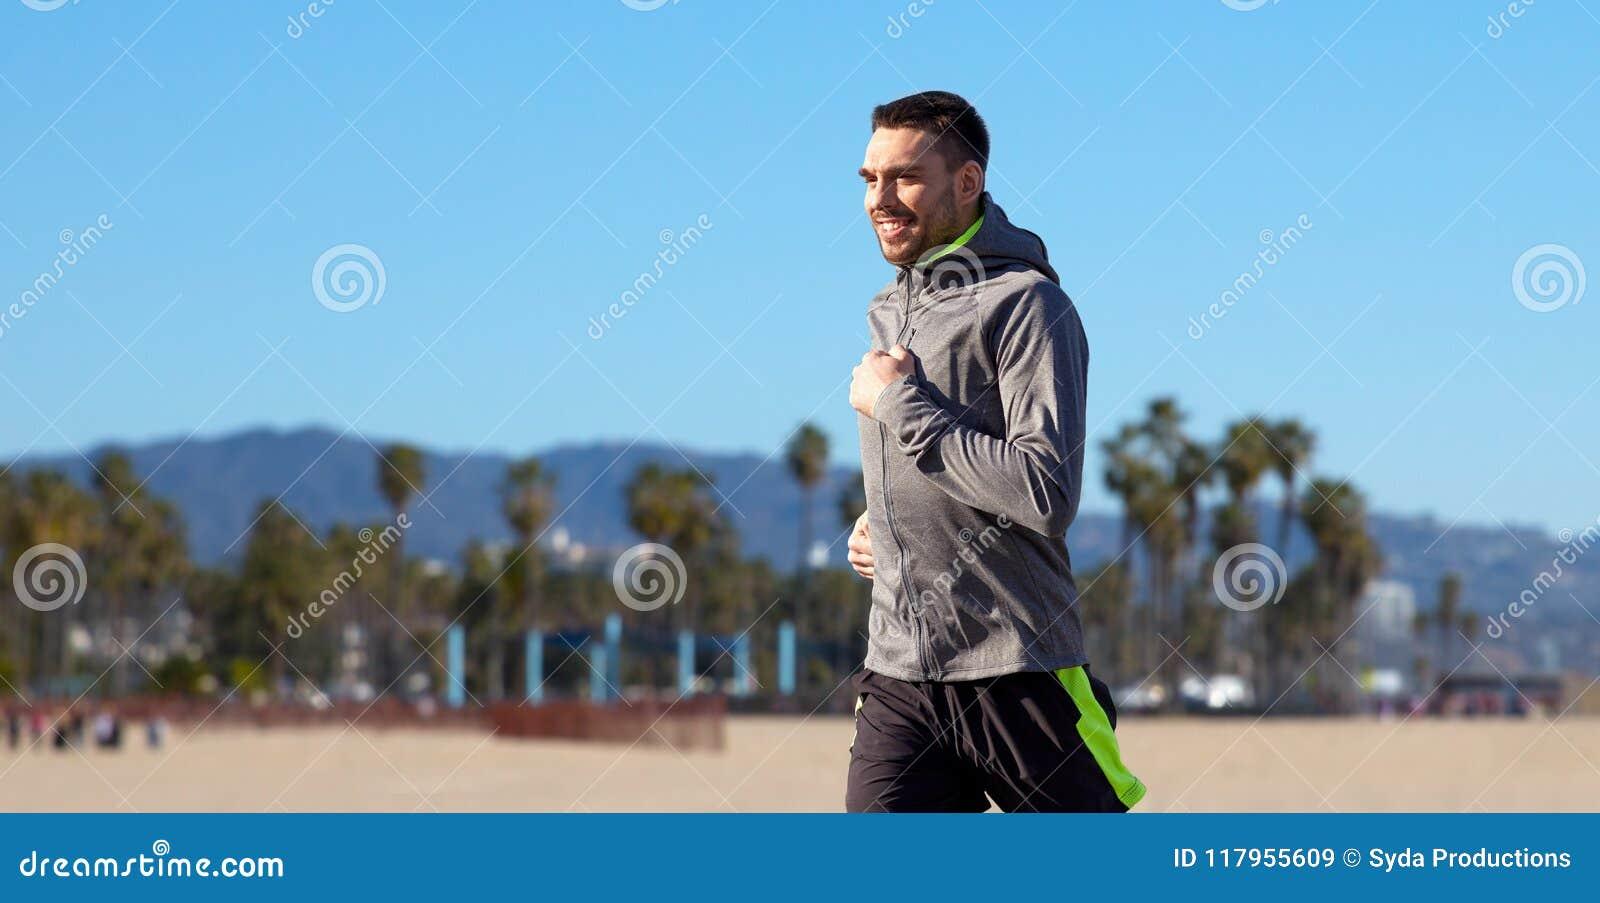 Ευτυχής νεαρός άνδρας που τρέχει πέρα από την παραλία της Βενετίας